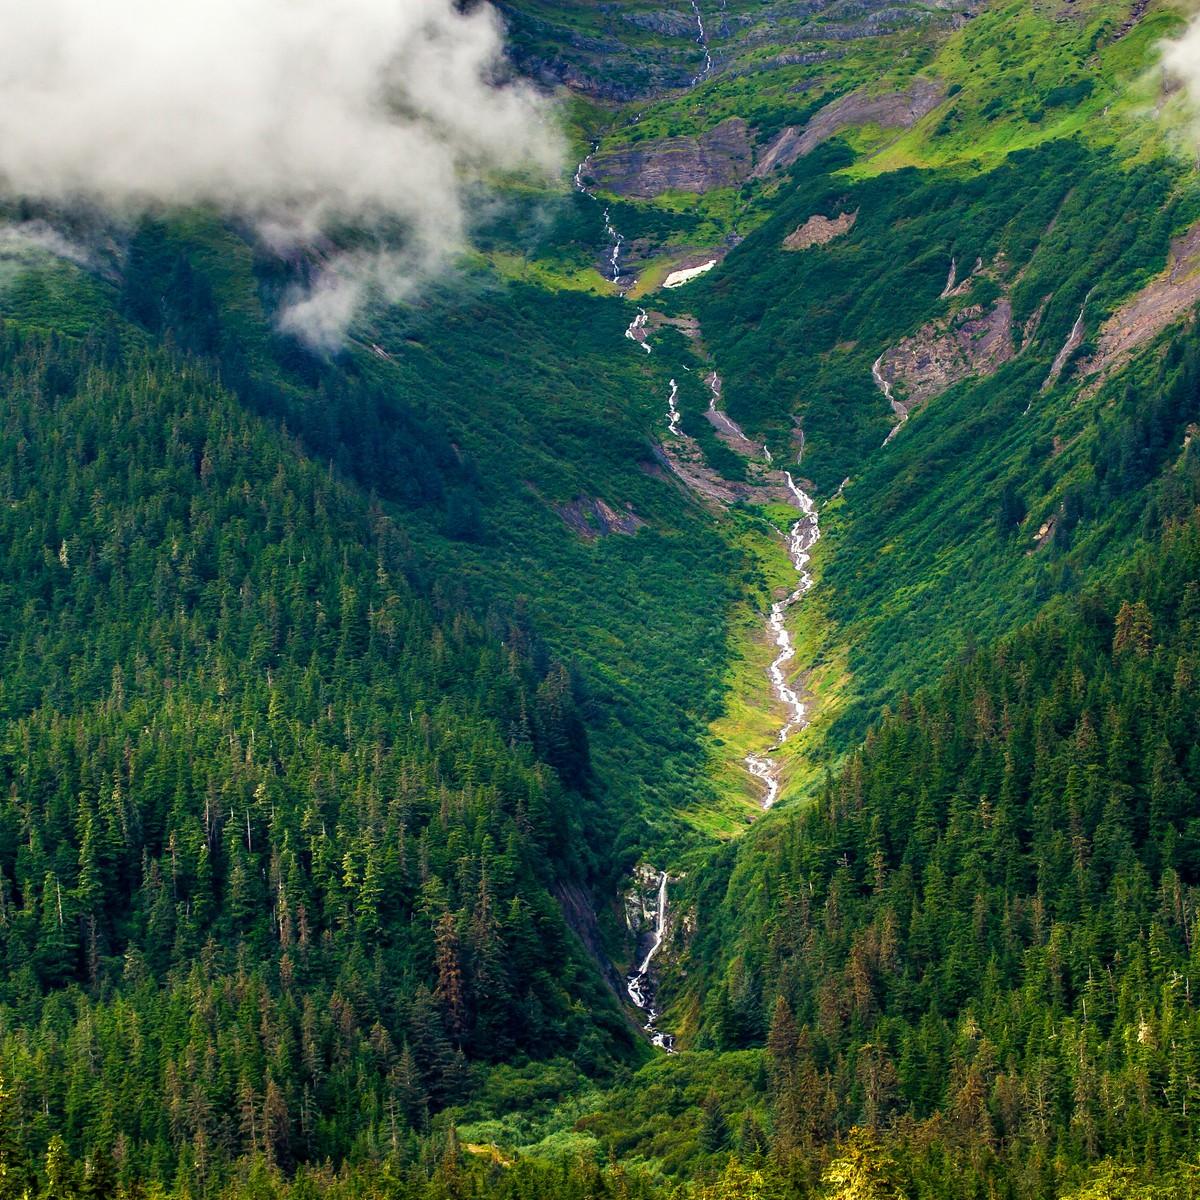 阿拉斯加,大山間的紐帶_圖1-1